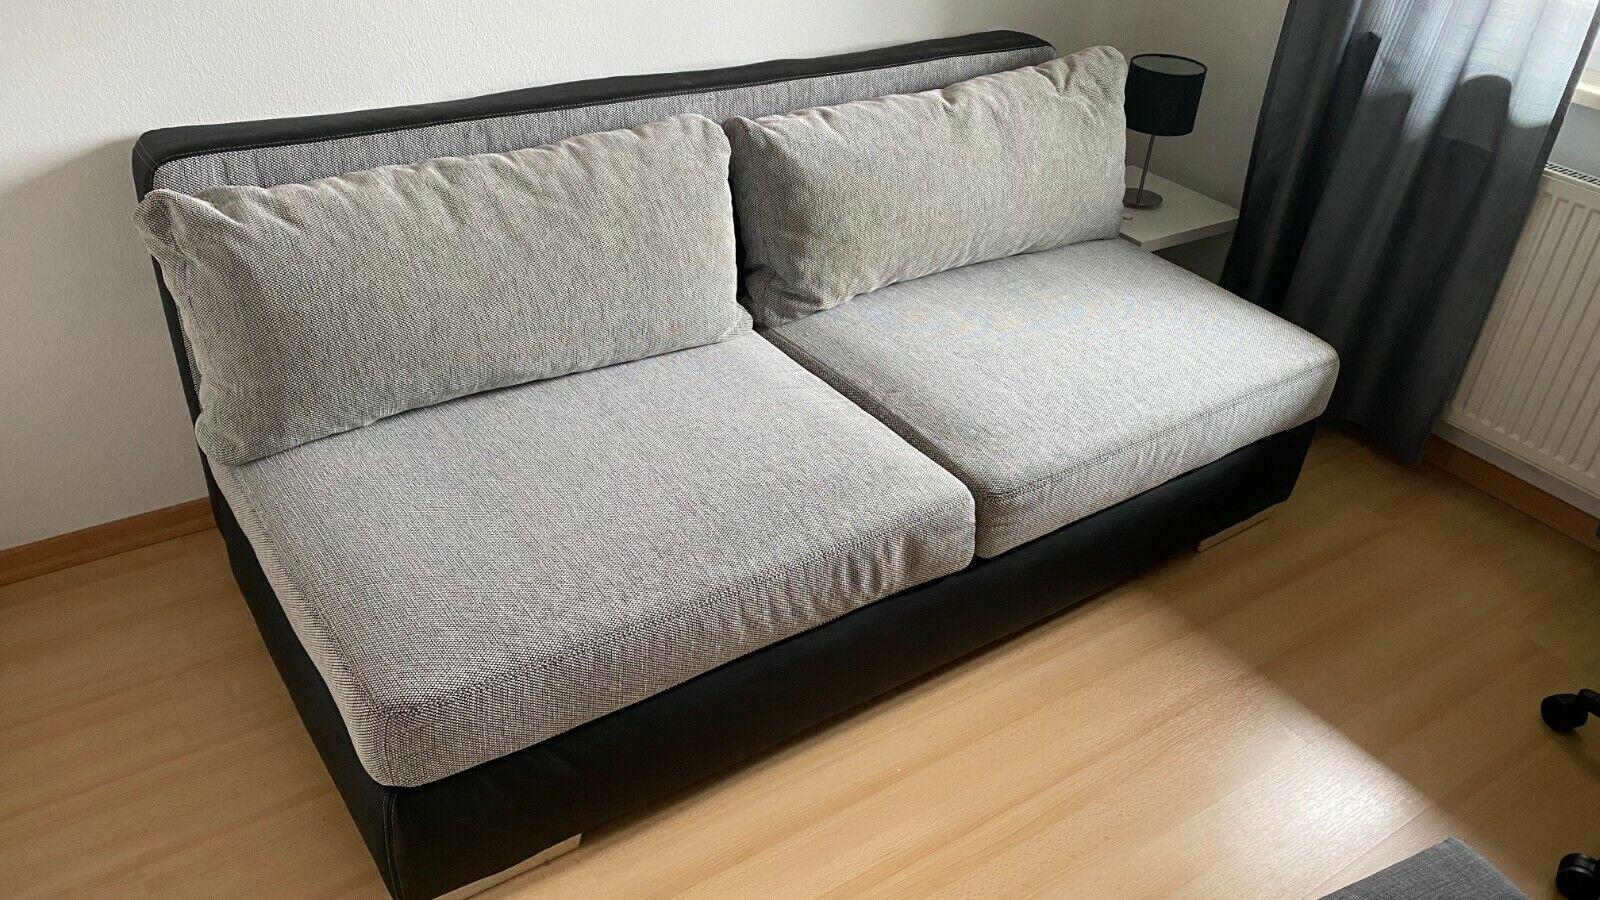 Schlafsofa, 2-Sitzer, mit Bettkasten, grau/schwarz